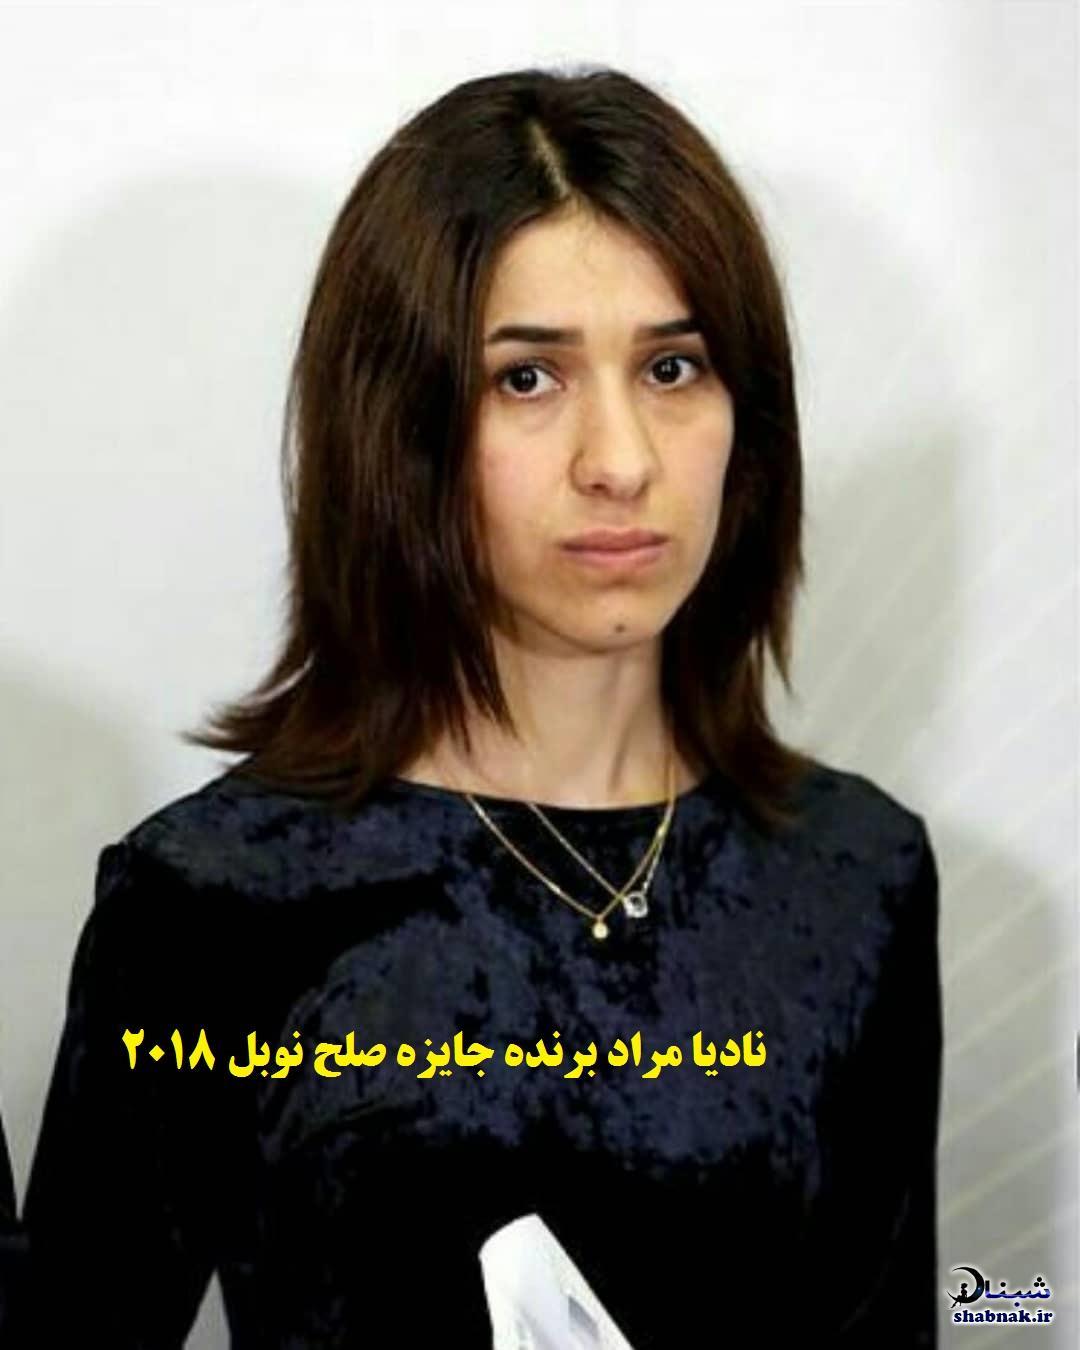 نادیا مراد برنده جایزه صلح نوبل در سال 2018 کیست